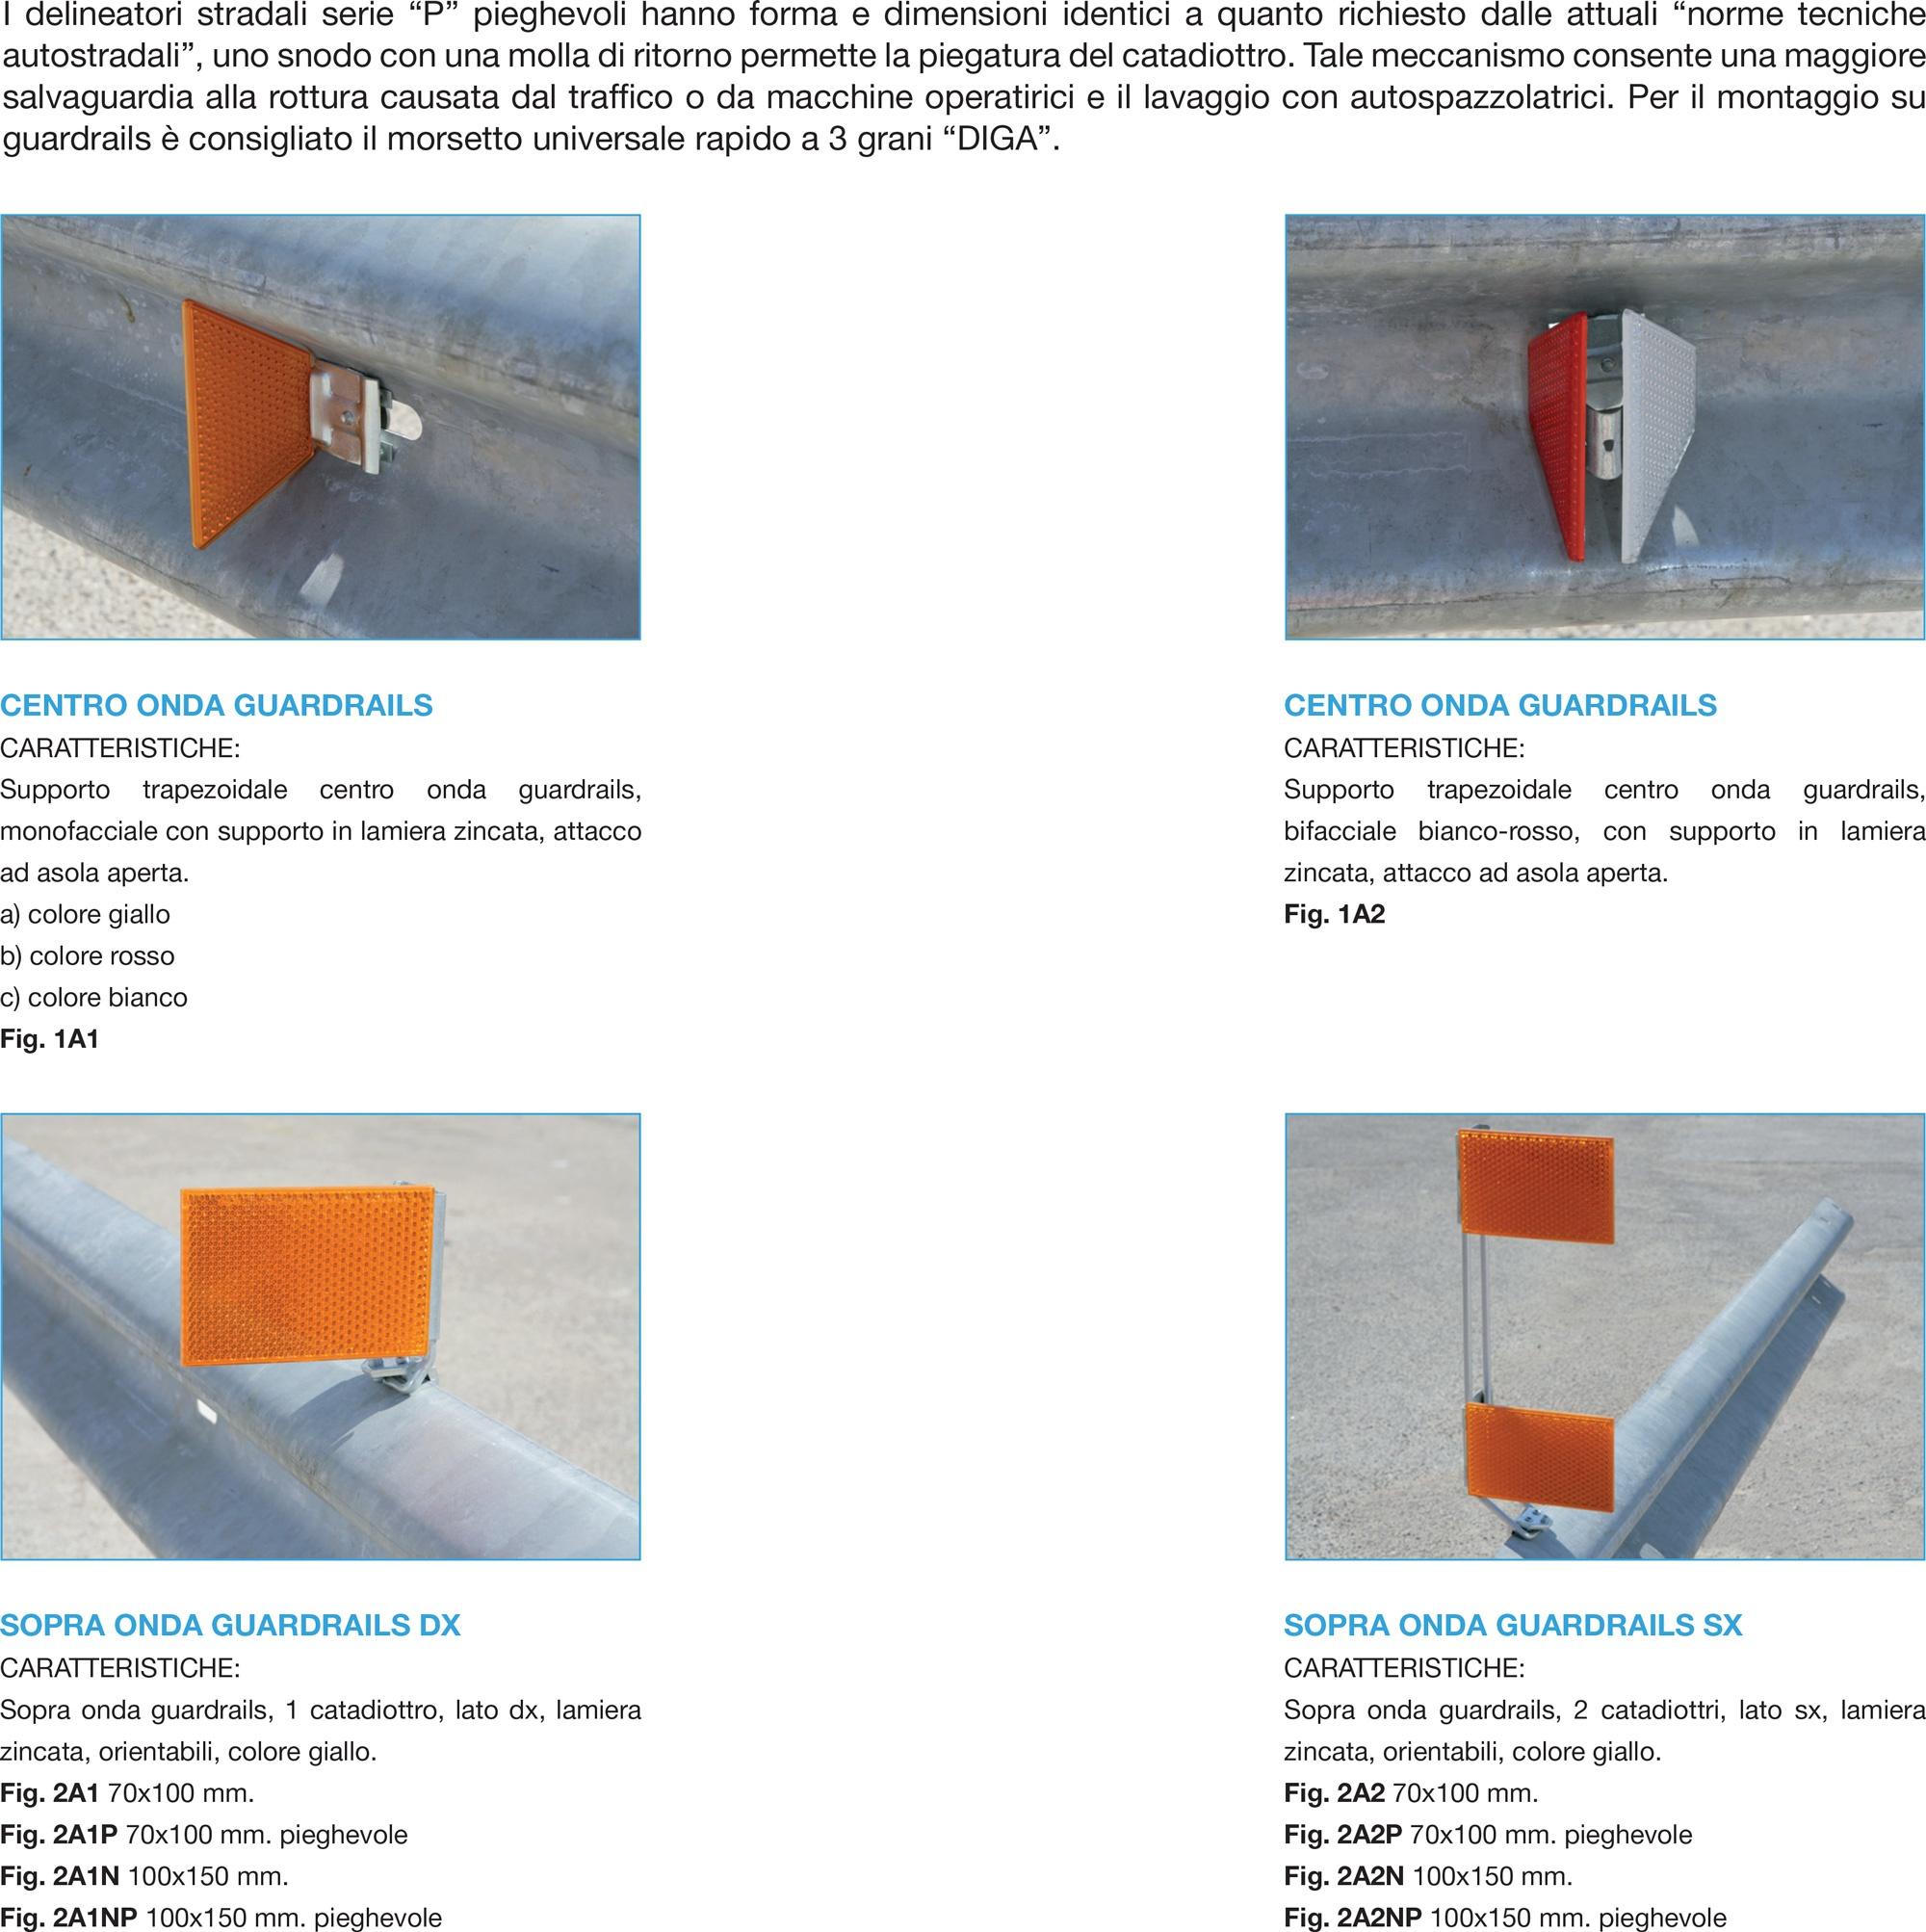 Delineatori per guardrails